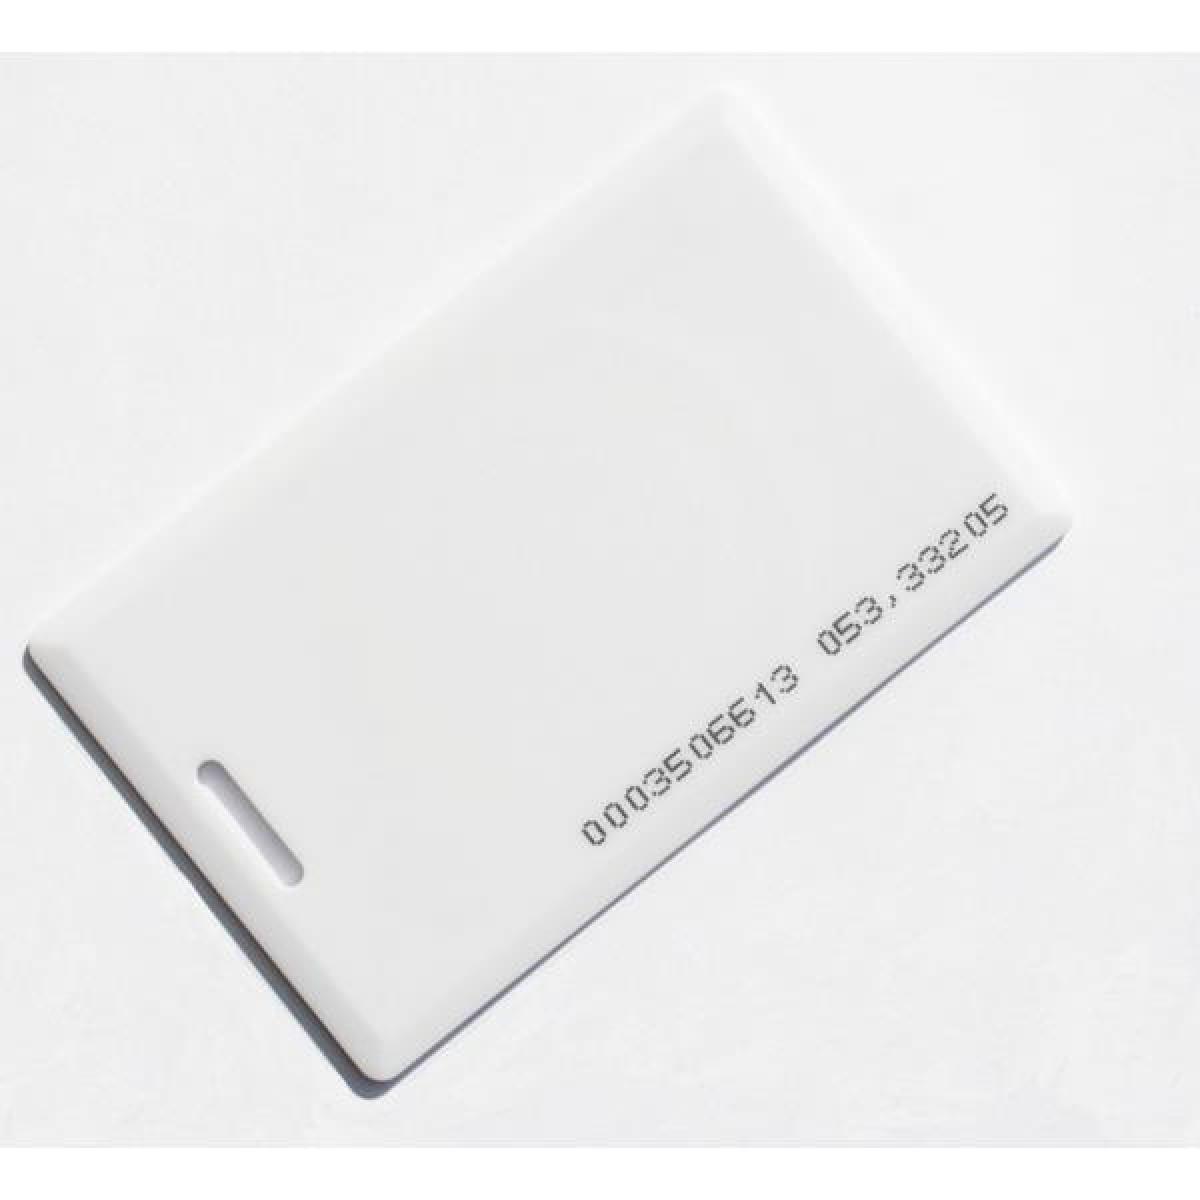 Бесконтактная карта доступа стандартная  формата EMM, тонкая без отверстия, 125 кГц, белая